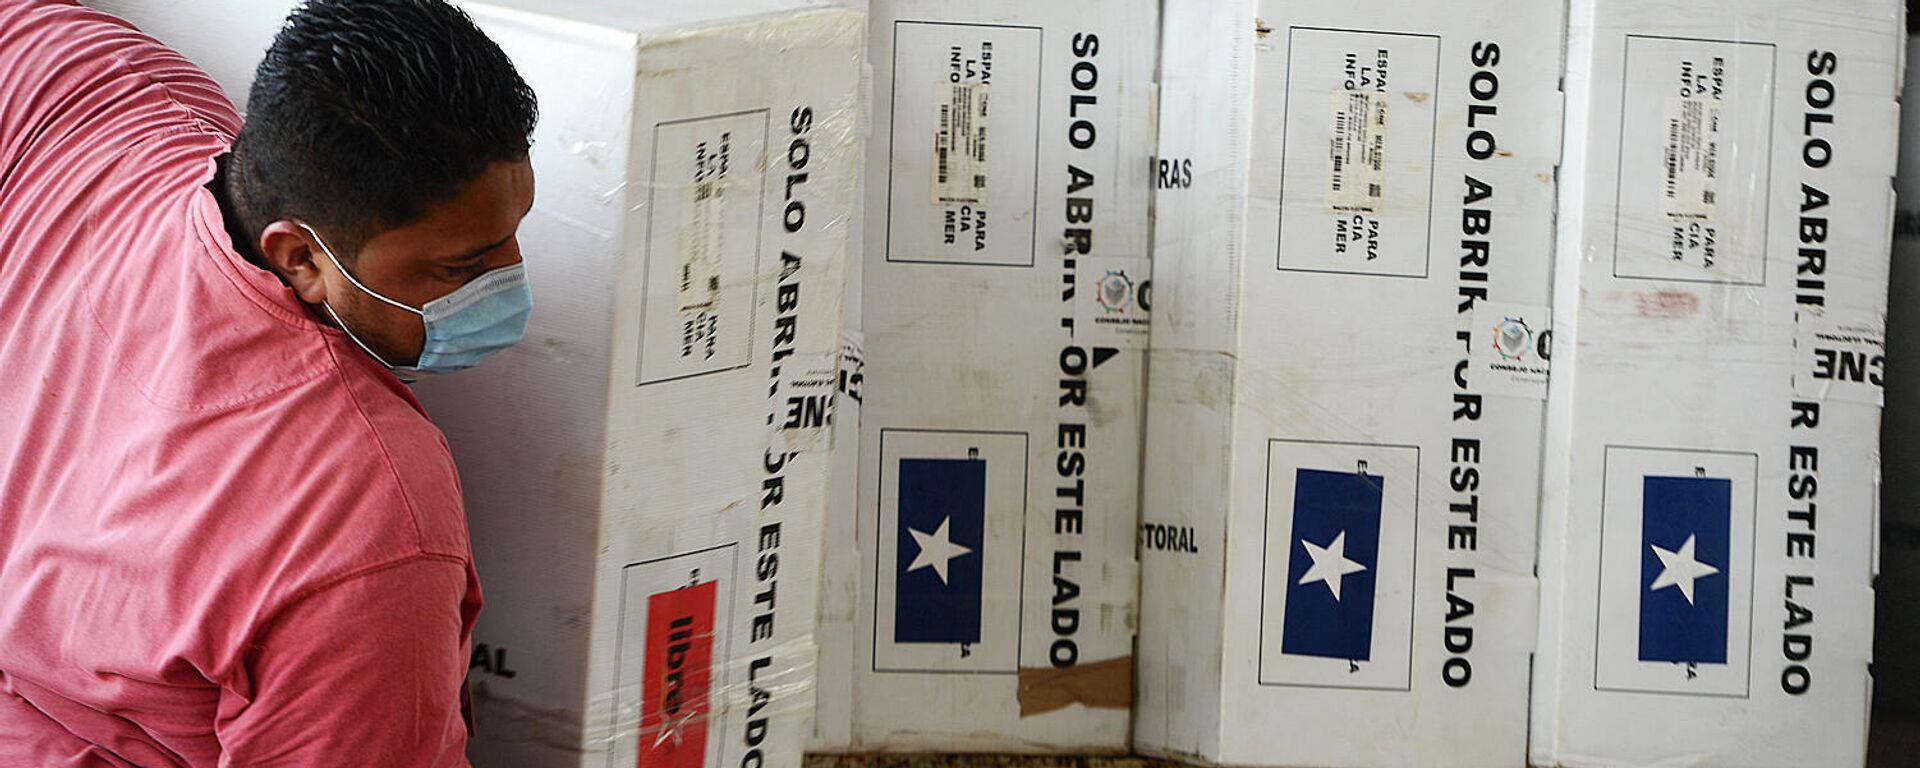 Escrutinio de los votos en las elecciones primarias de Honduras - Sputnik Mundo, 1920, 23.03.2021